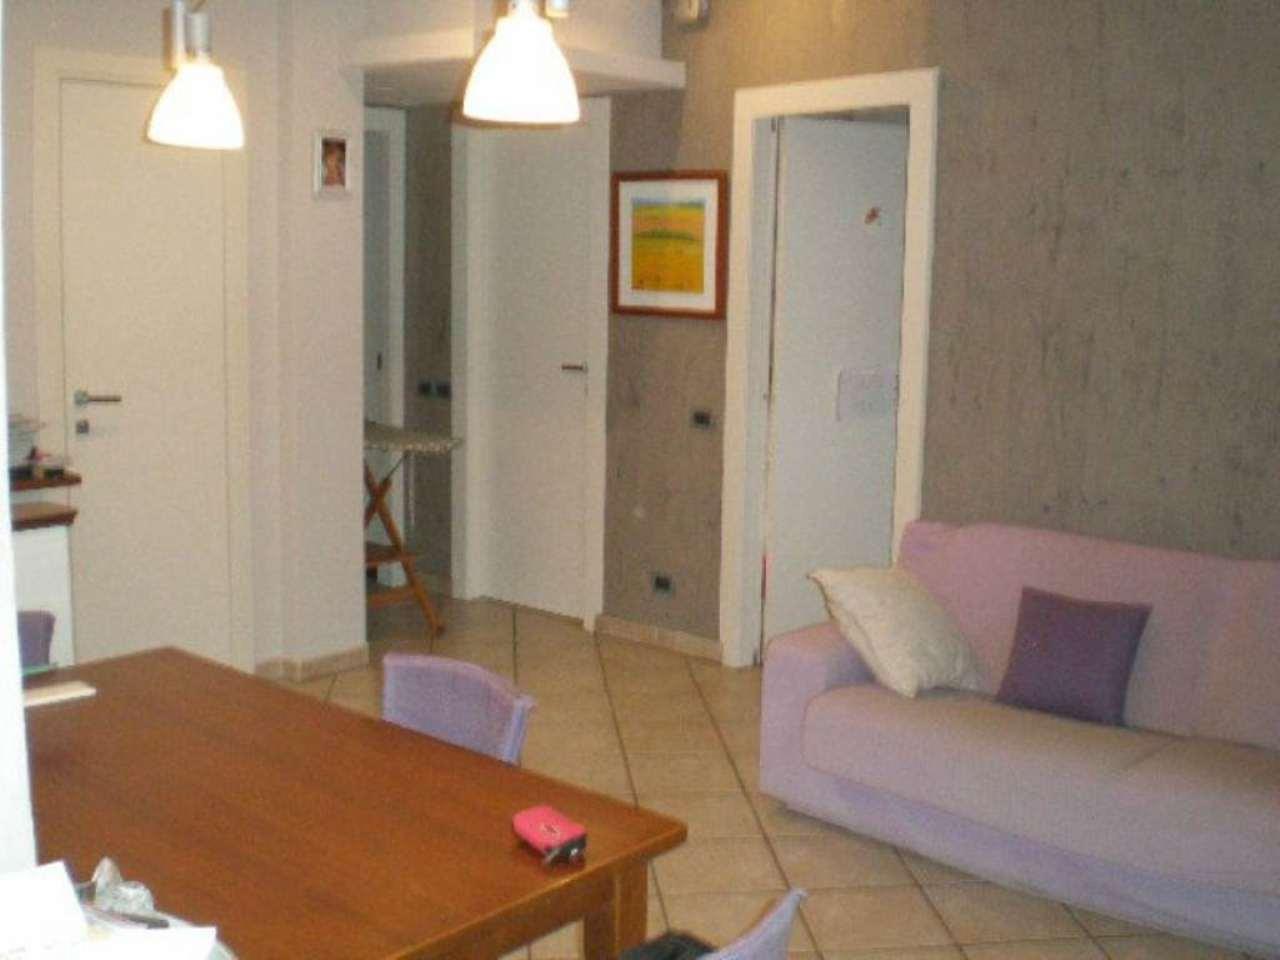 Appartamento in vendita a Cusano Milanino, 3 locali, prezzo € 153.000 | Cambio Casa.it